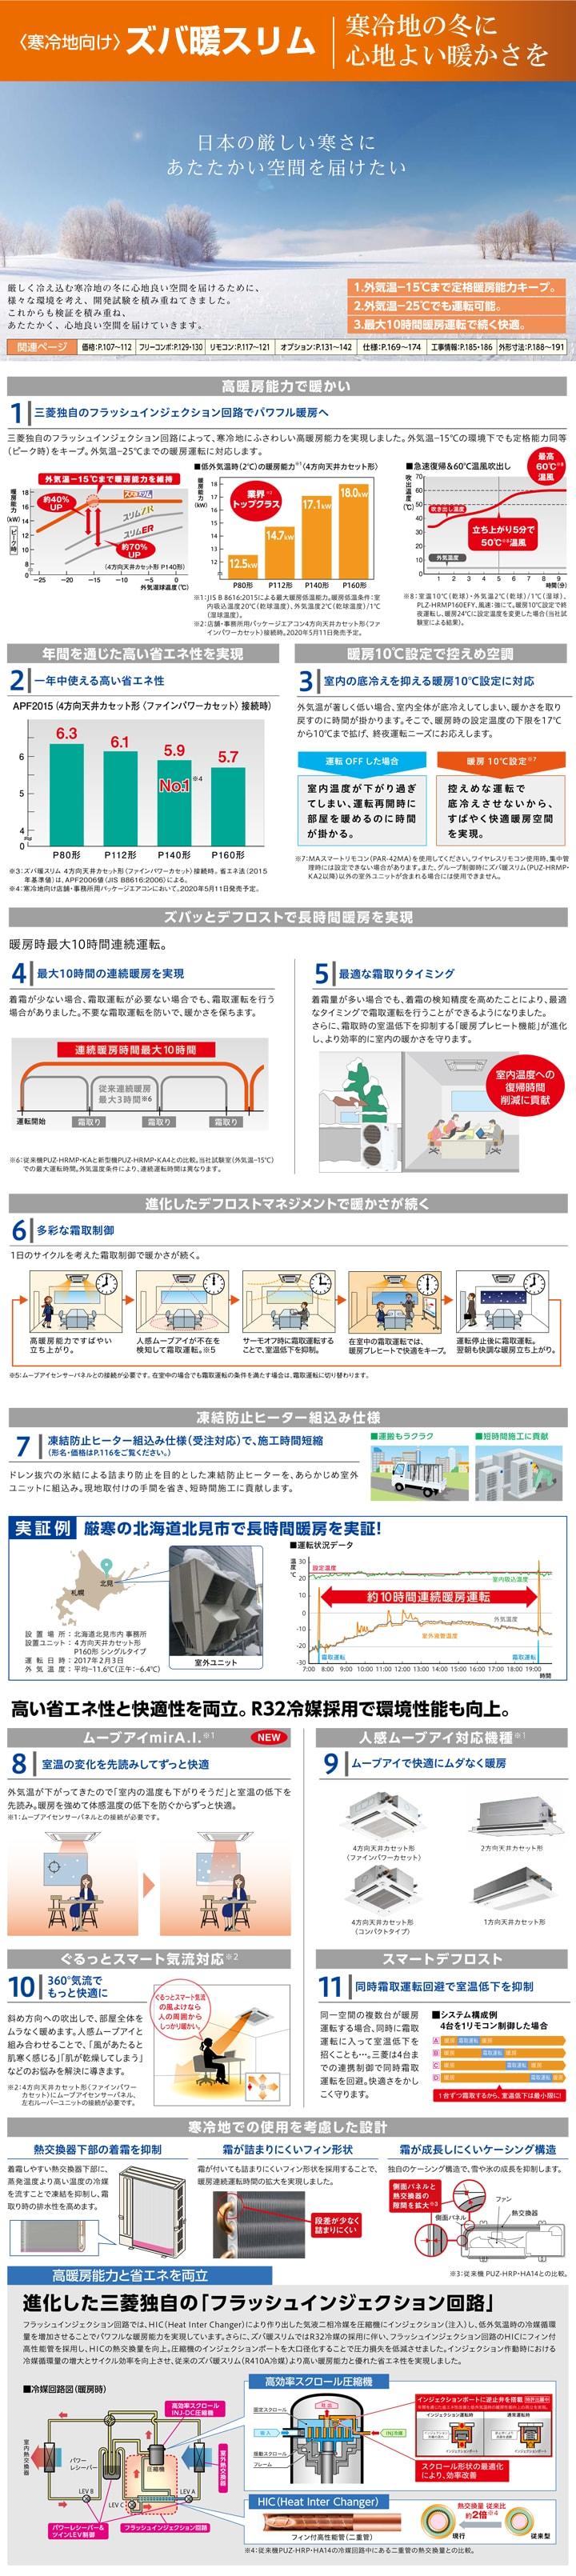 三菱電機 PLZ-HRMP80LY 業務用エアコン